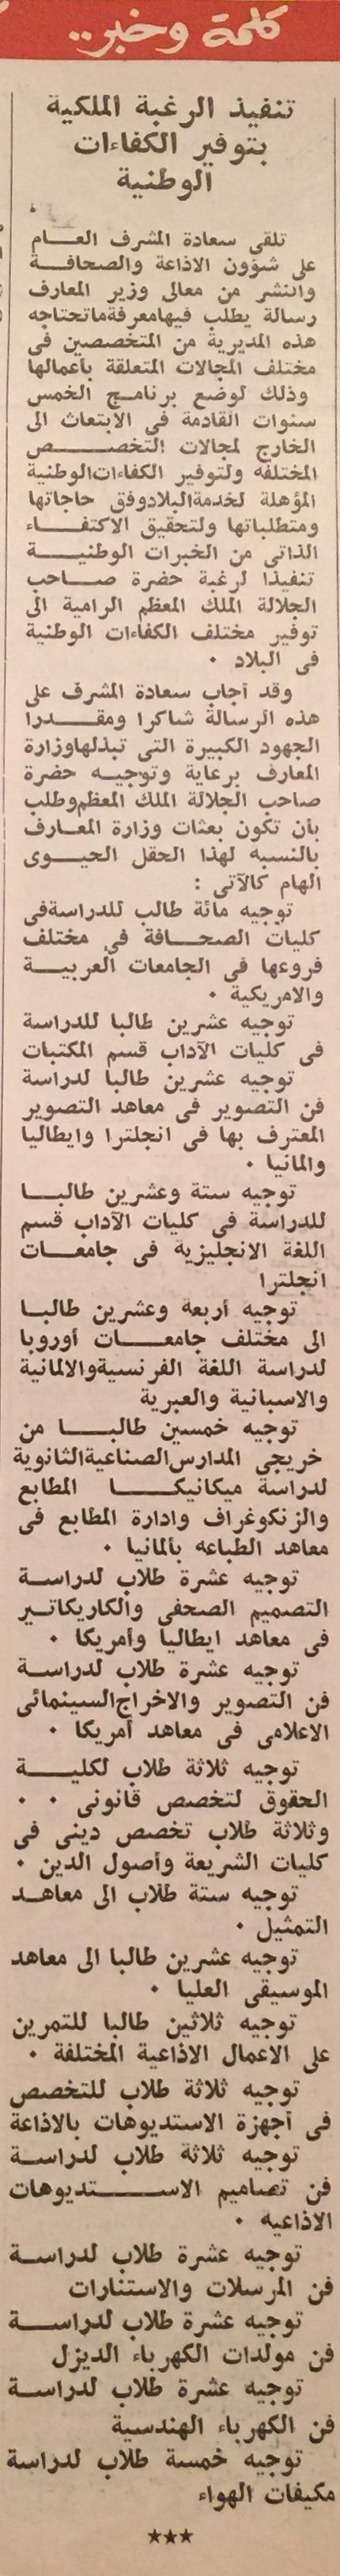 صحيفة الرائد. العدد 82 . بتاريخ 2 اكتوبر 1961